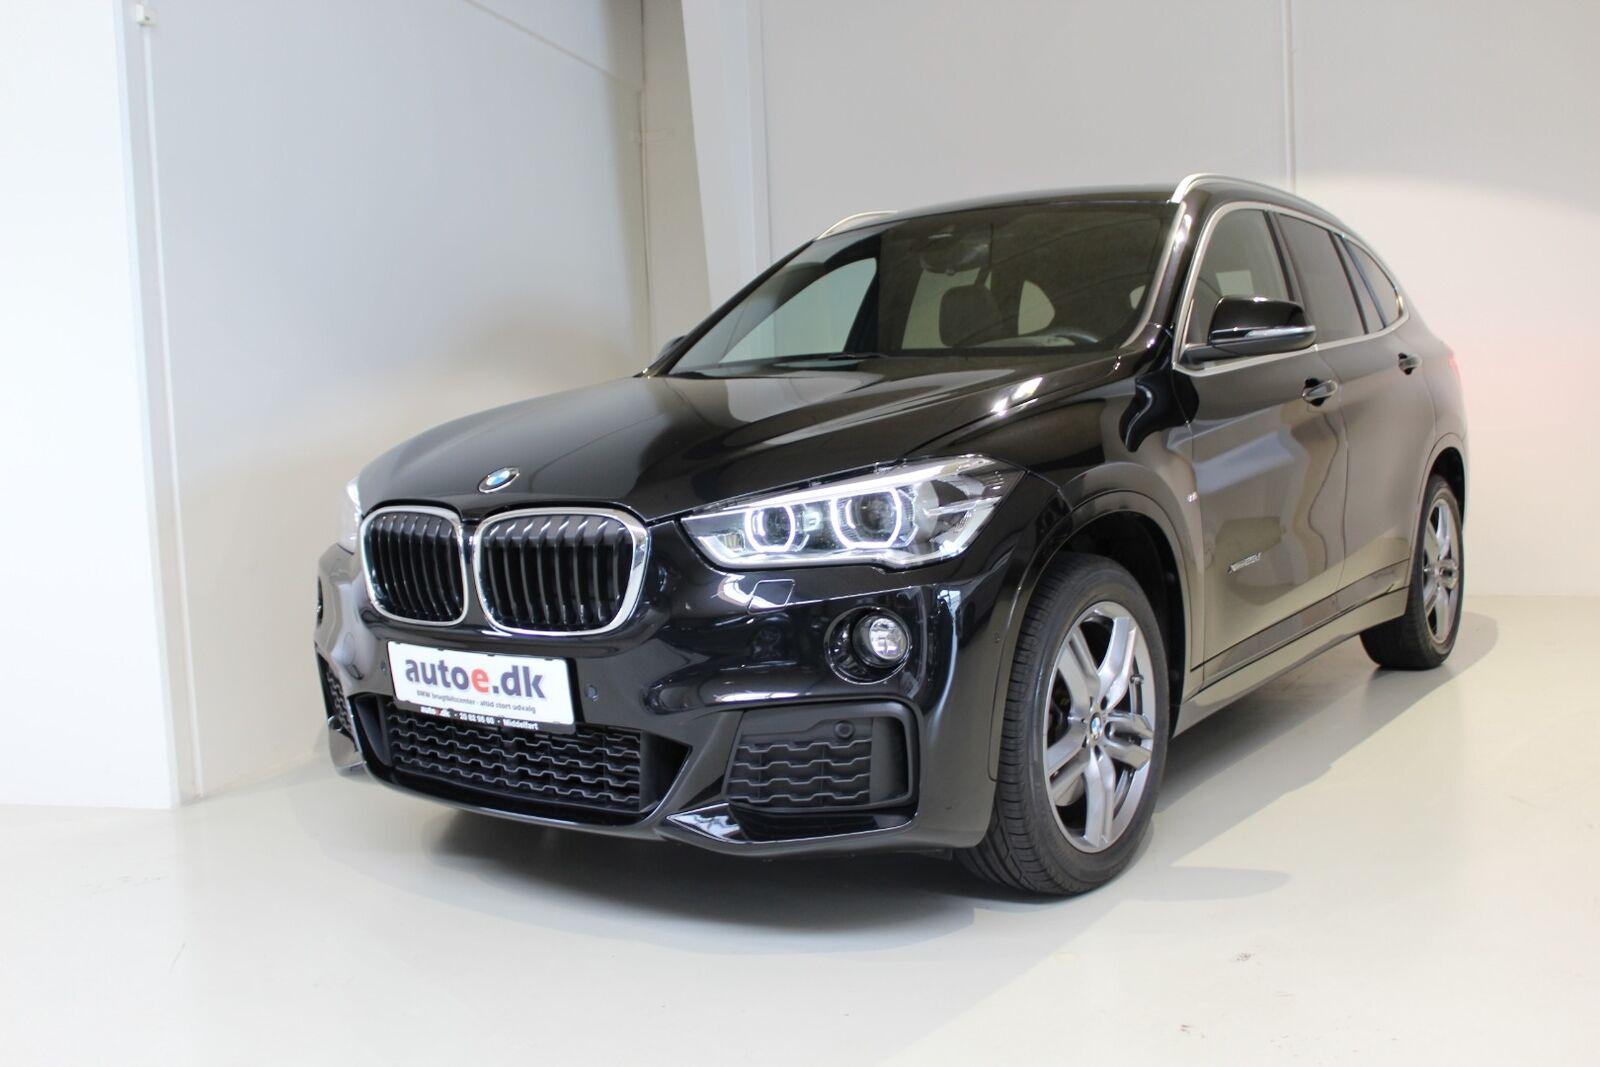 BMW X1 2,0 xDrive25d M-Sport aut. 5d - 459.800 kr.